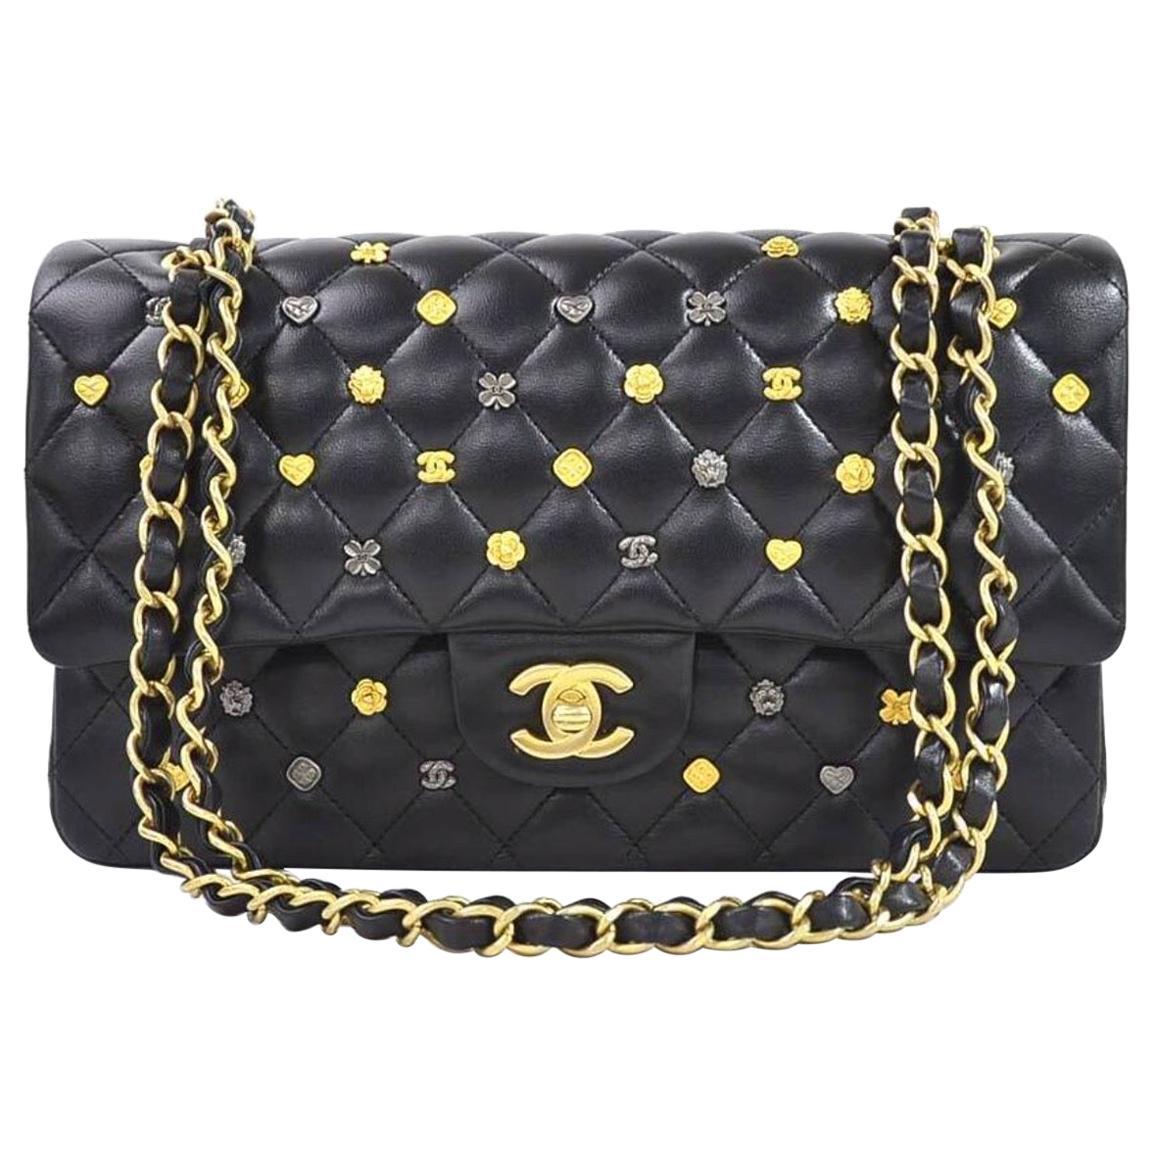 Chanel Black Leather Gold Gunmetal Charms Evening Shoulder Flap Bag